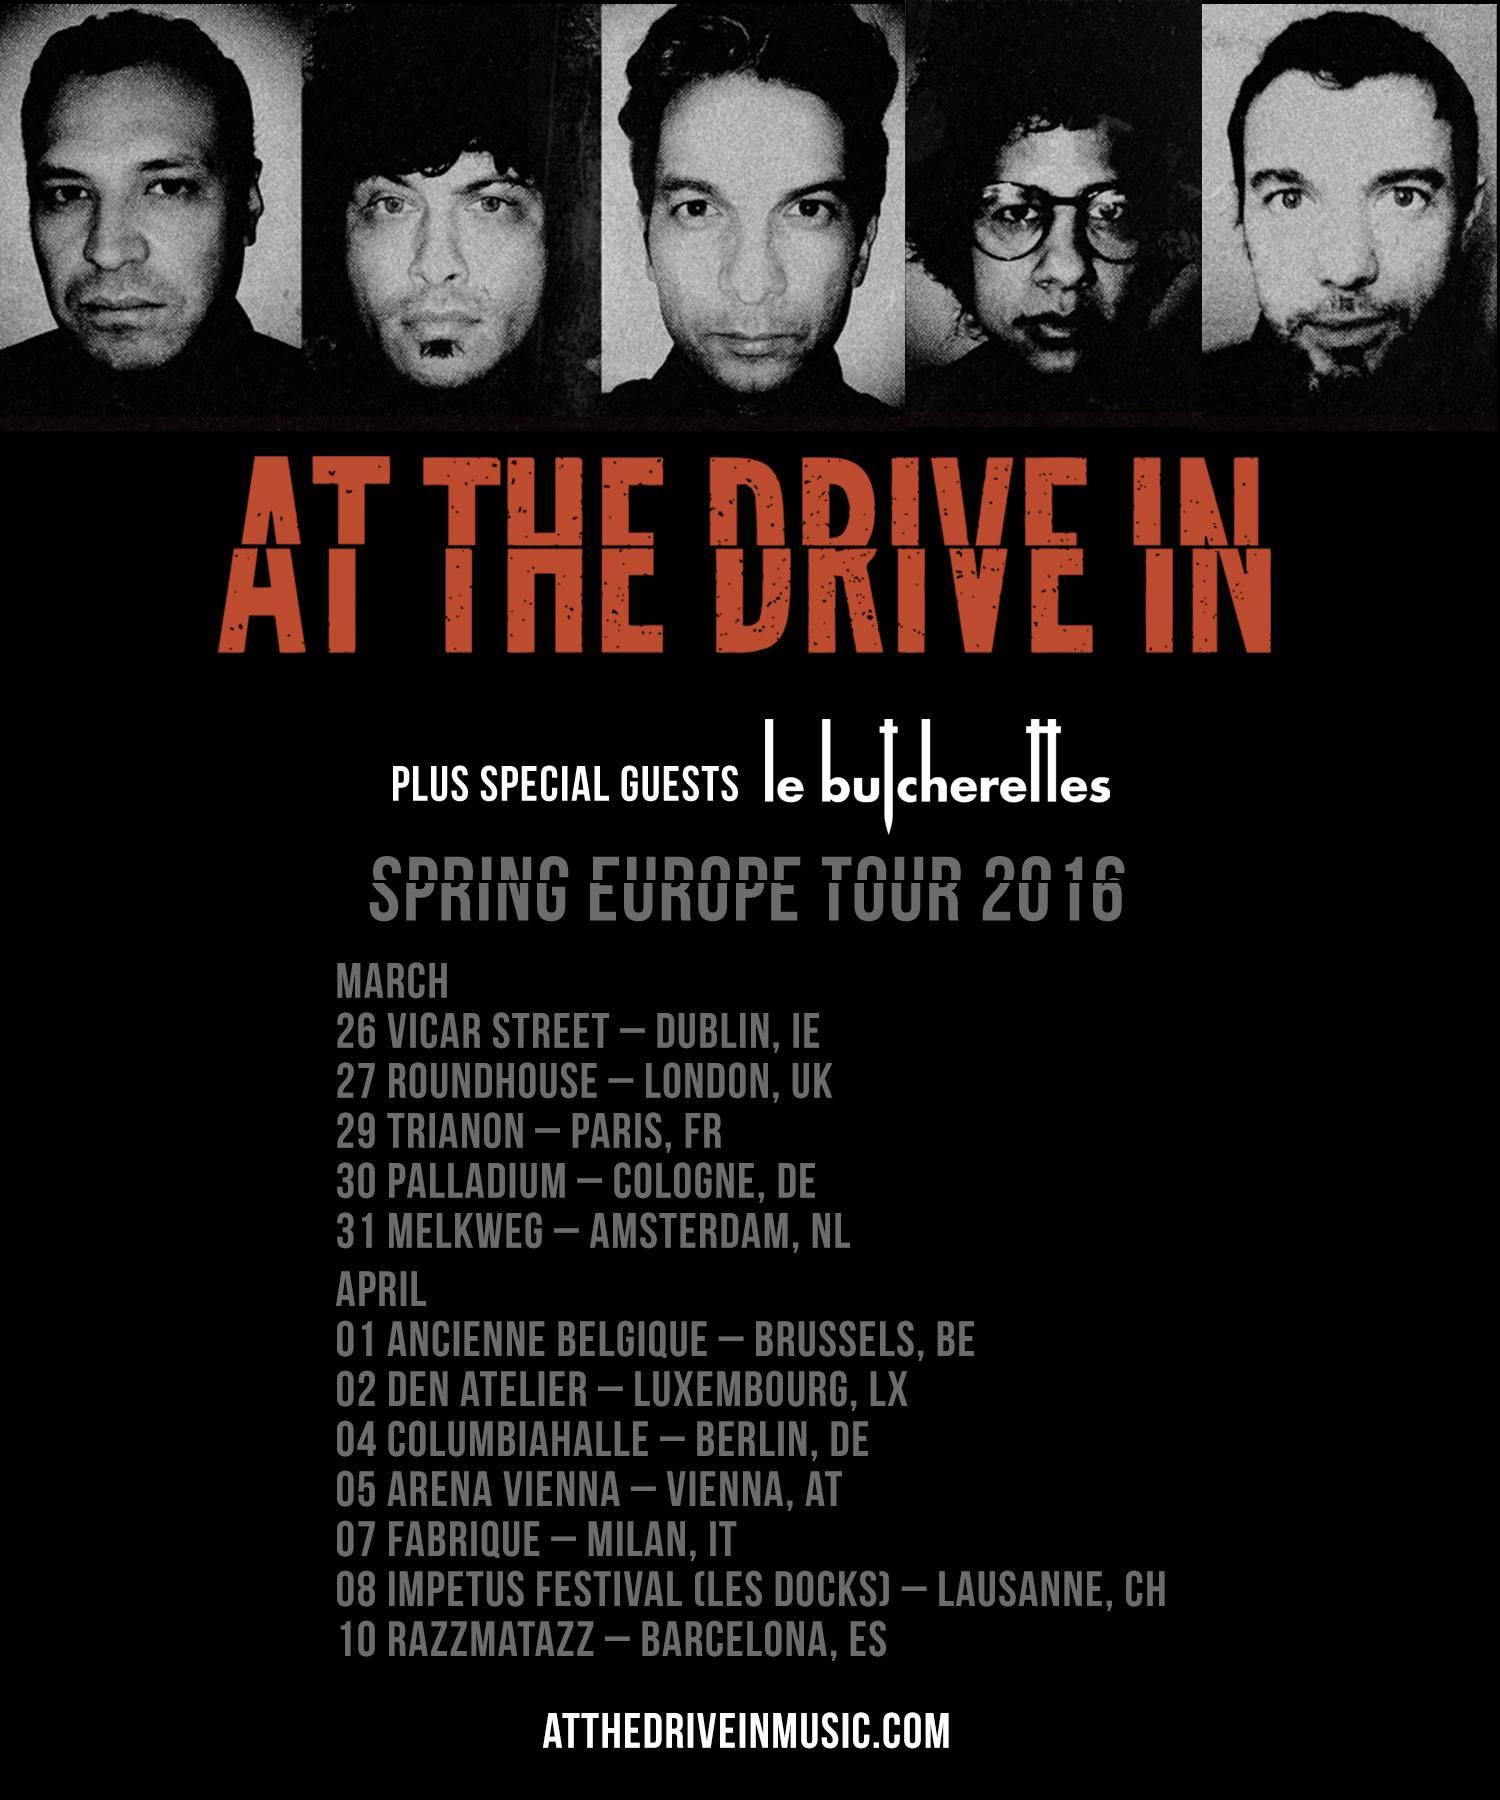 AtTheDriveIn-Europa-Tour-2016